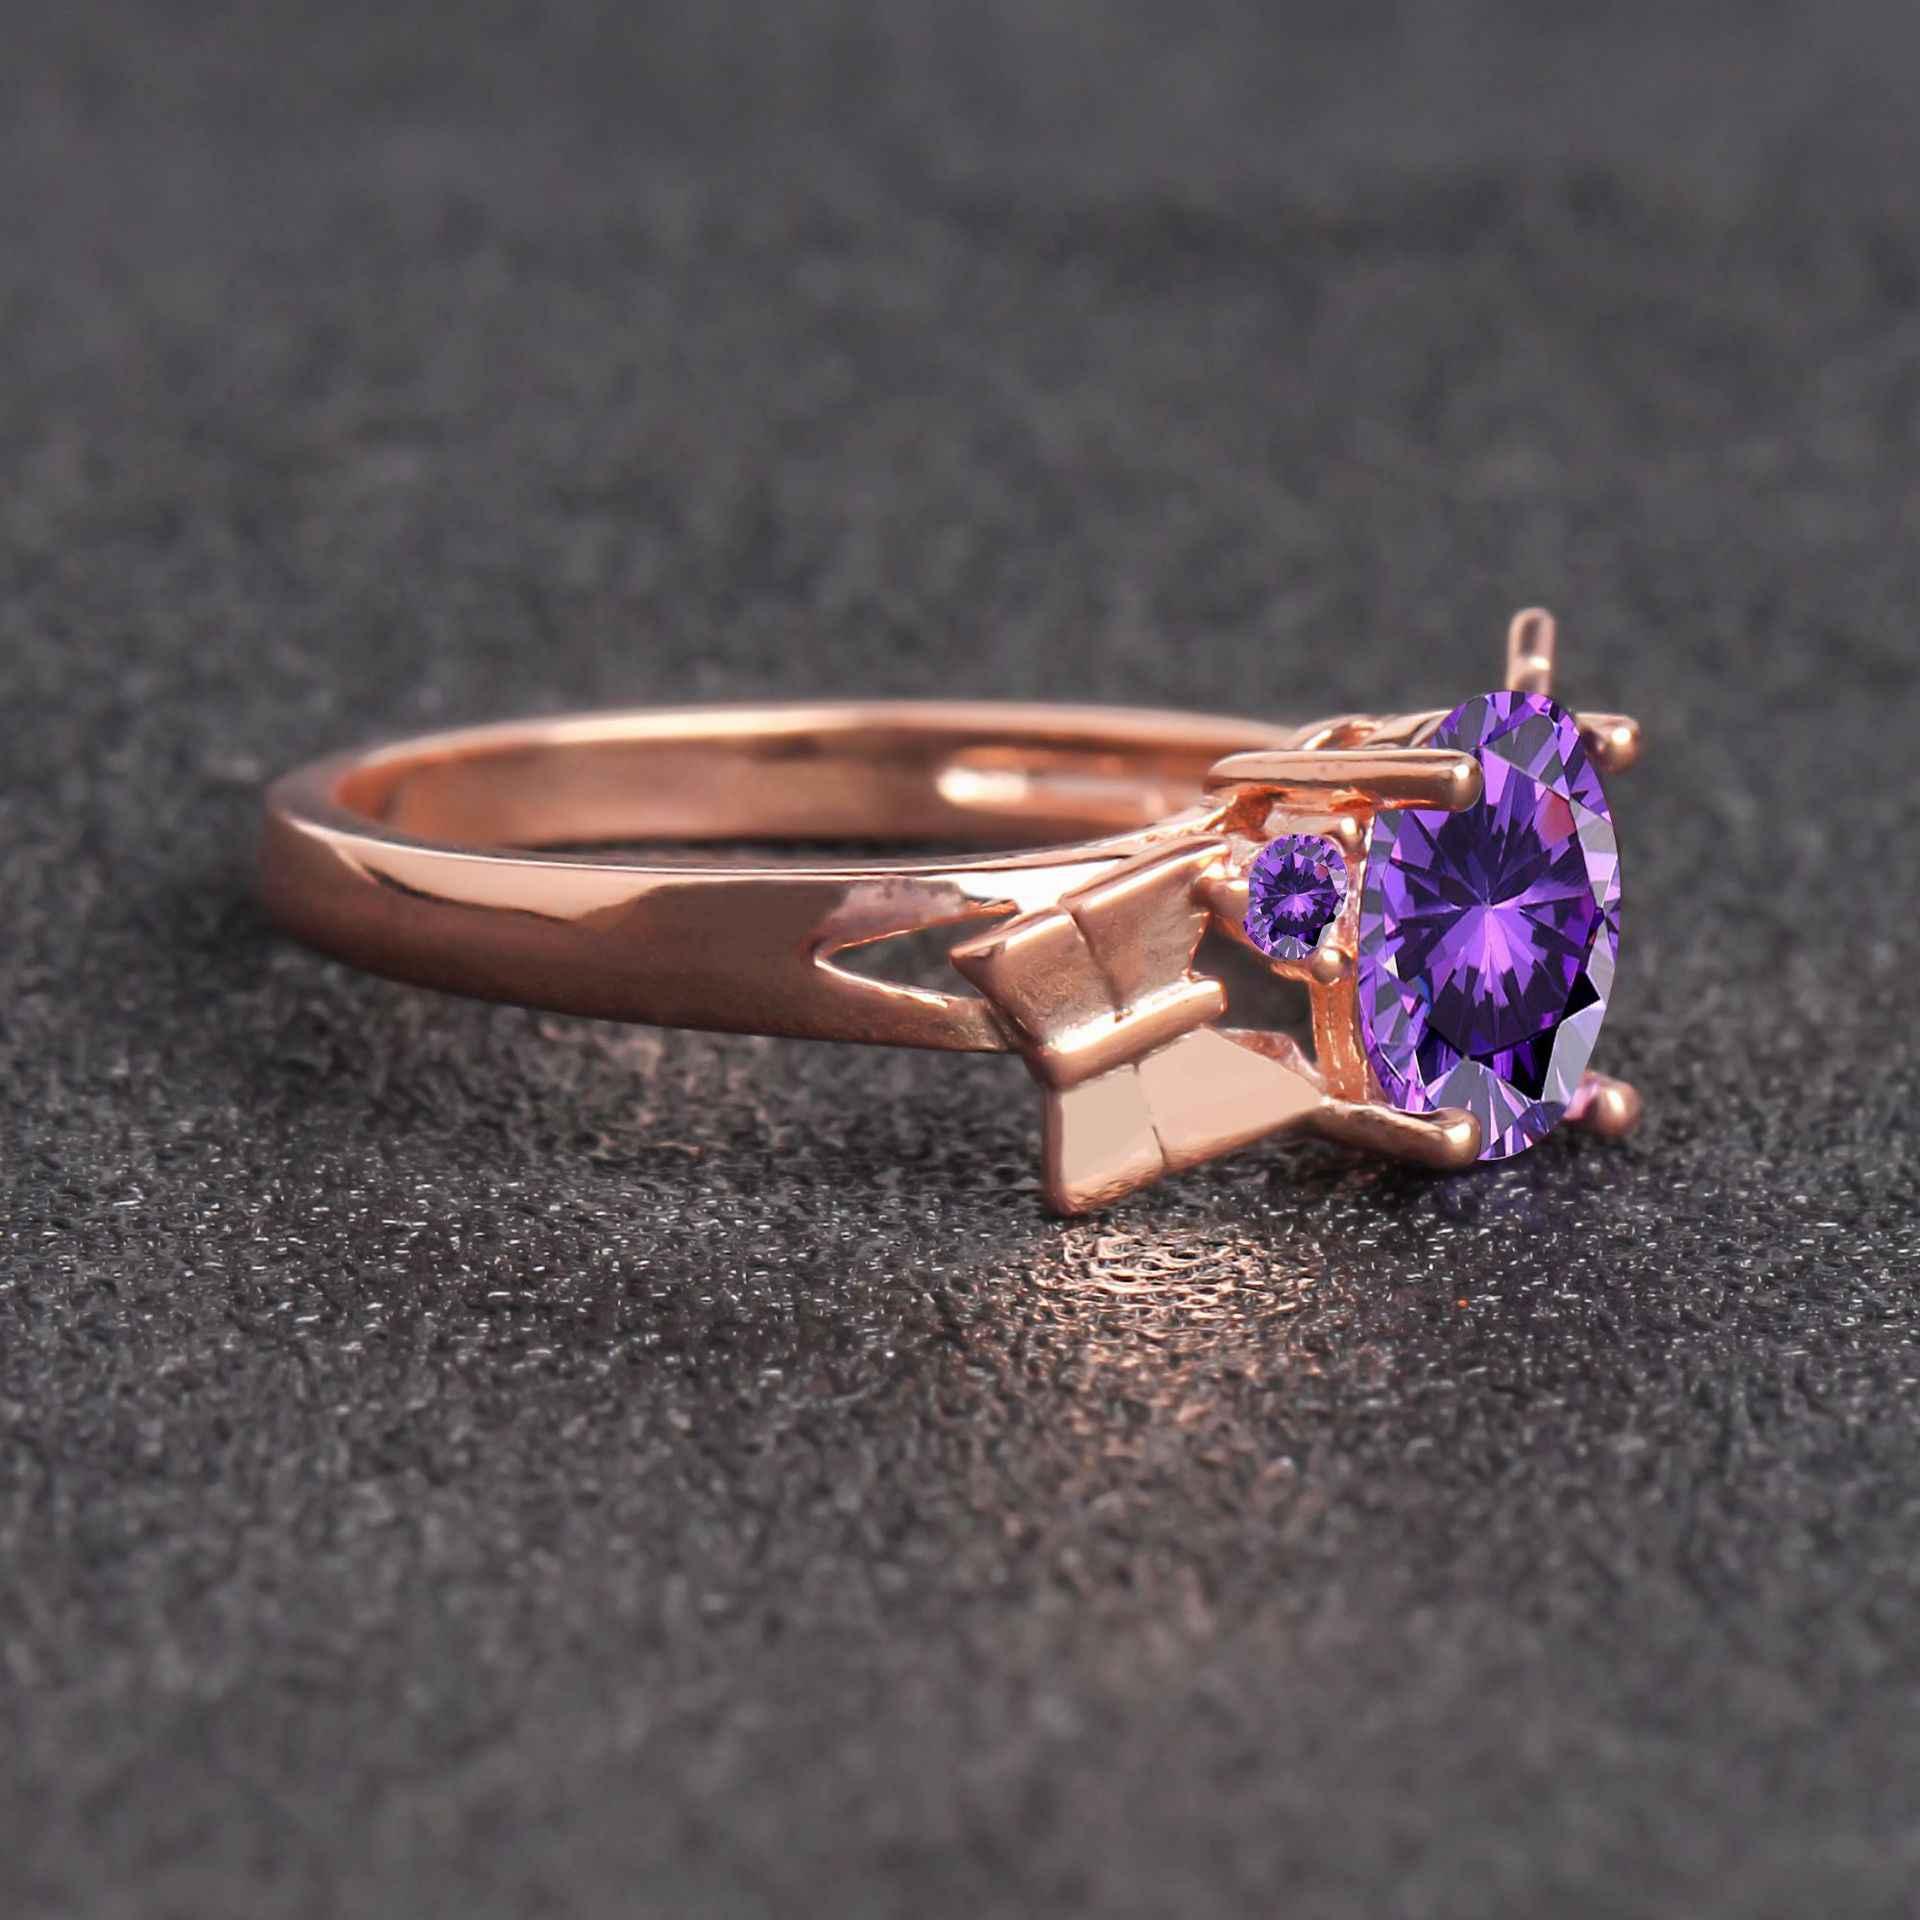 น้ำหยดแหวนไพลินแหวนแฟชั่น Rose 18K Gold Sea Sapphire งานแต่งงาน Amethyst แหวนหยกหญิงสวย